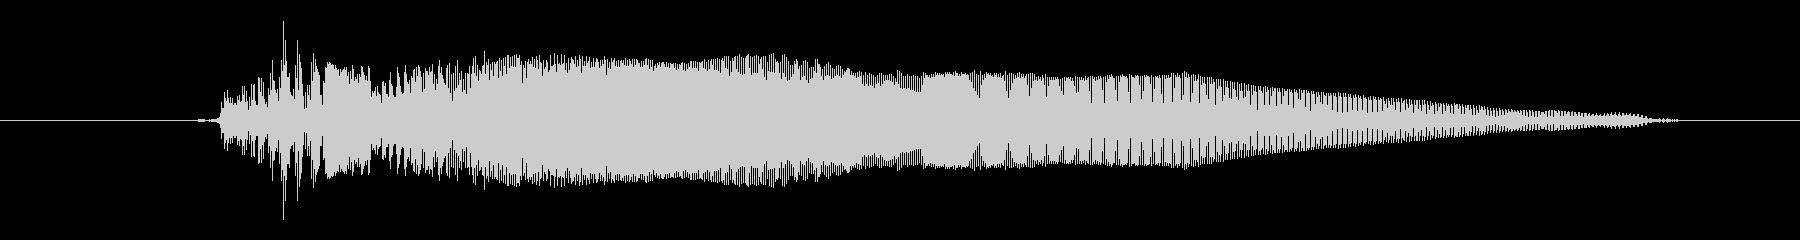 ドワーフ 応援ジュフ01の未再生の波形